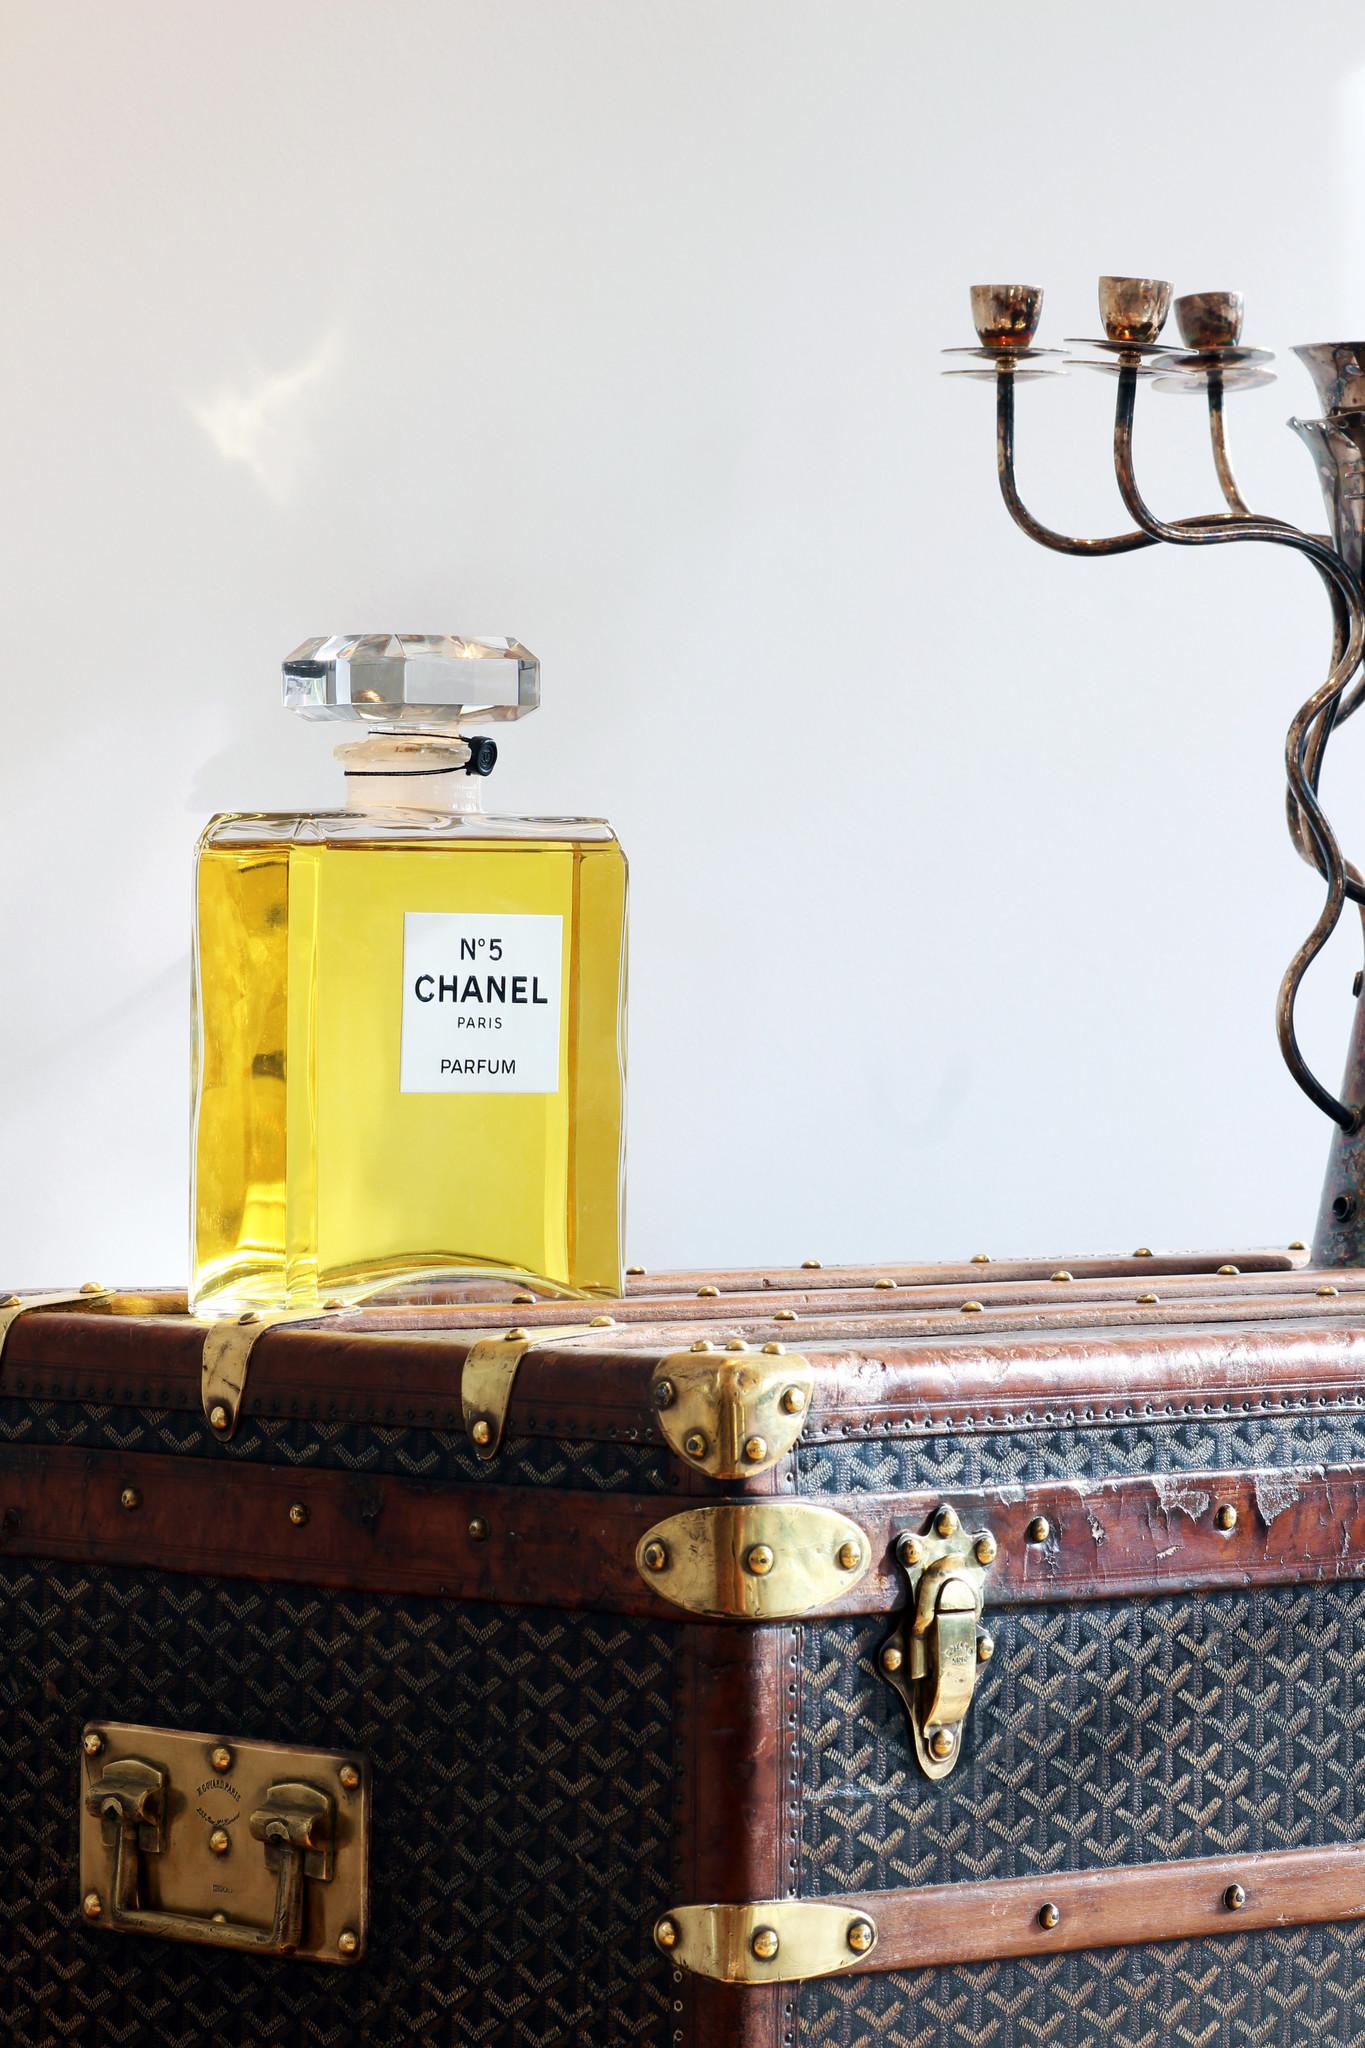 De Chanel N°5 XXL falcon